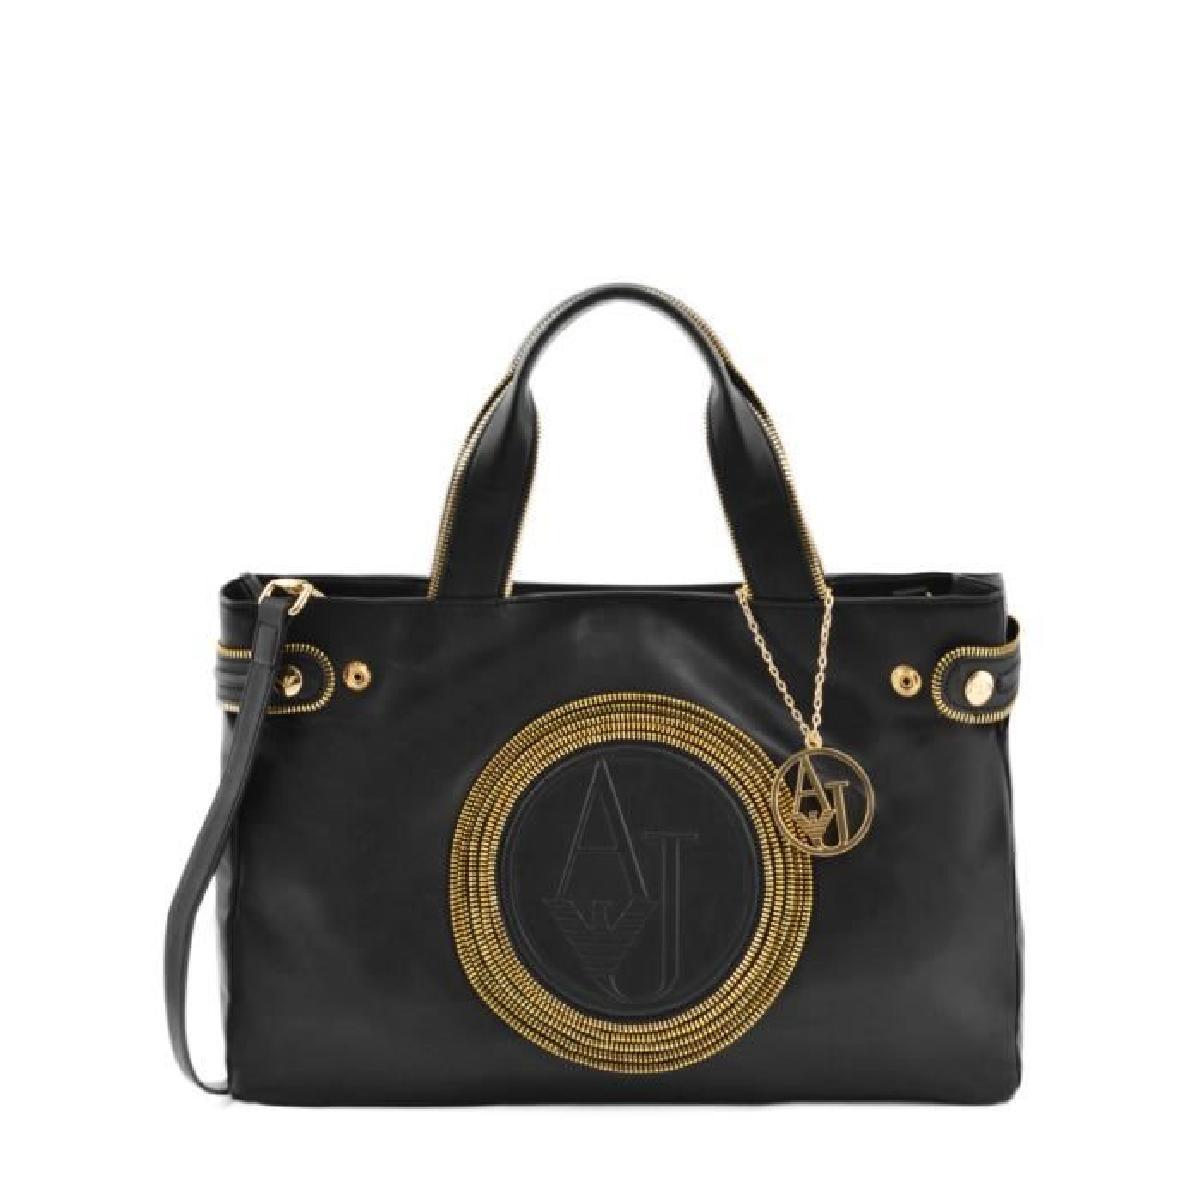 Armani jeans sac porté épaule à main pour femme 922165 6a753 pierre,sac  armani pas cher rose,à prix très bas 65f7c330437